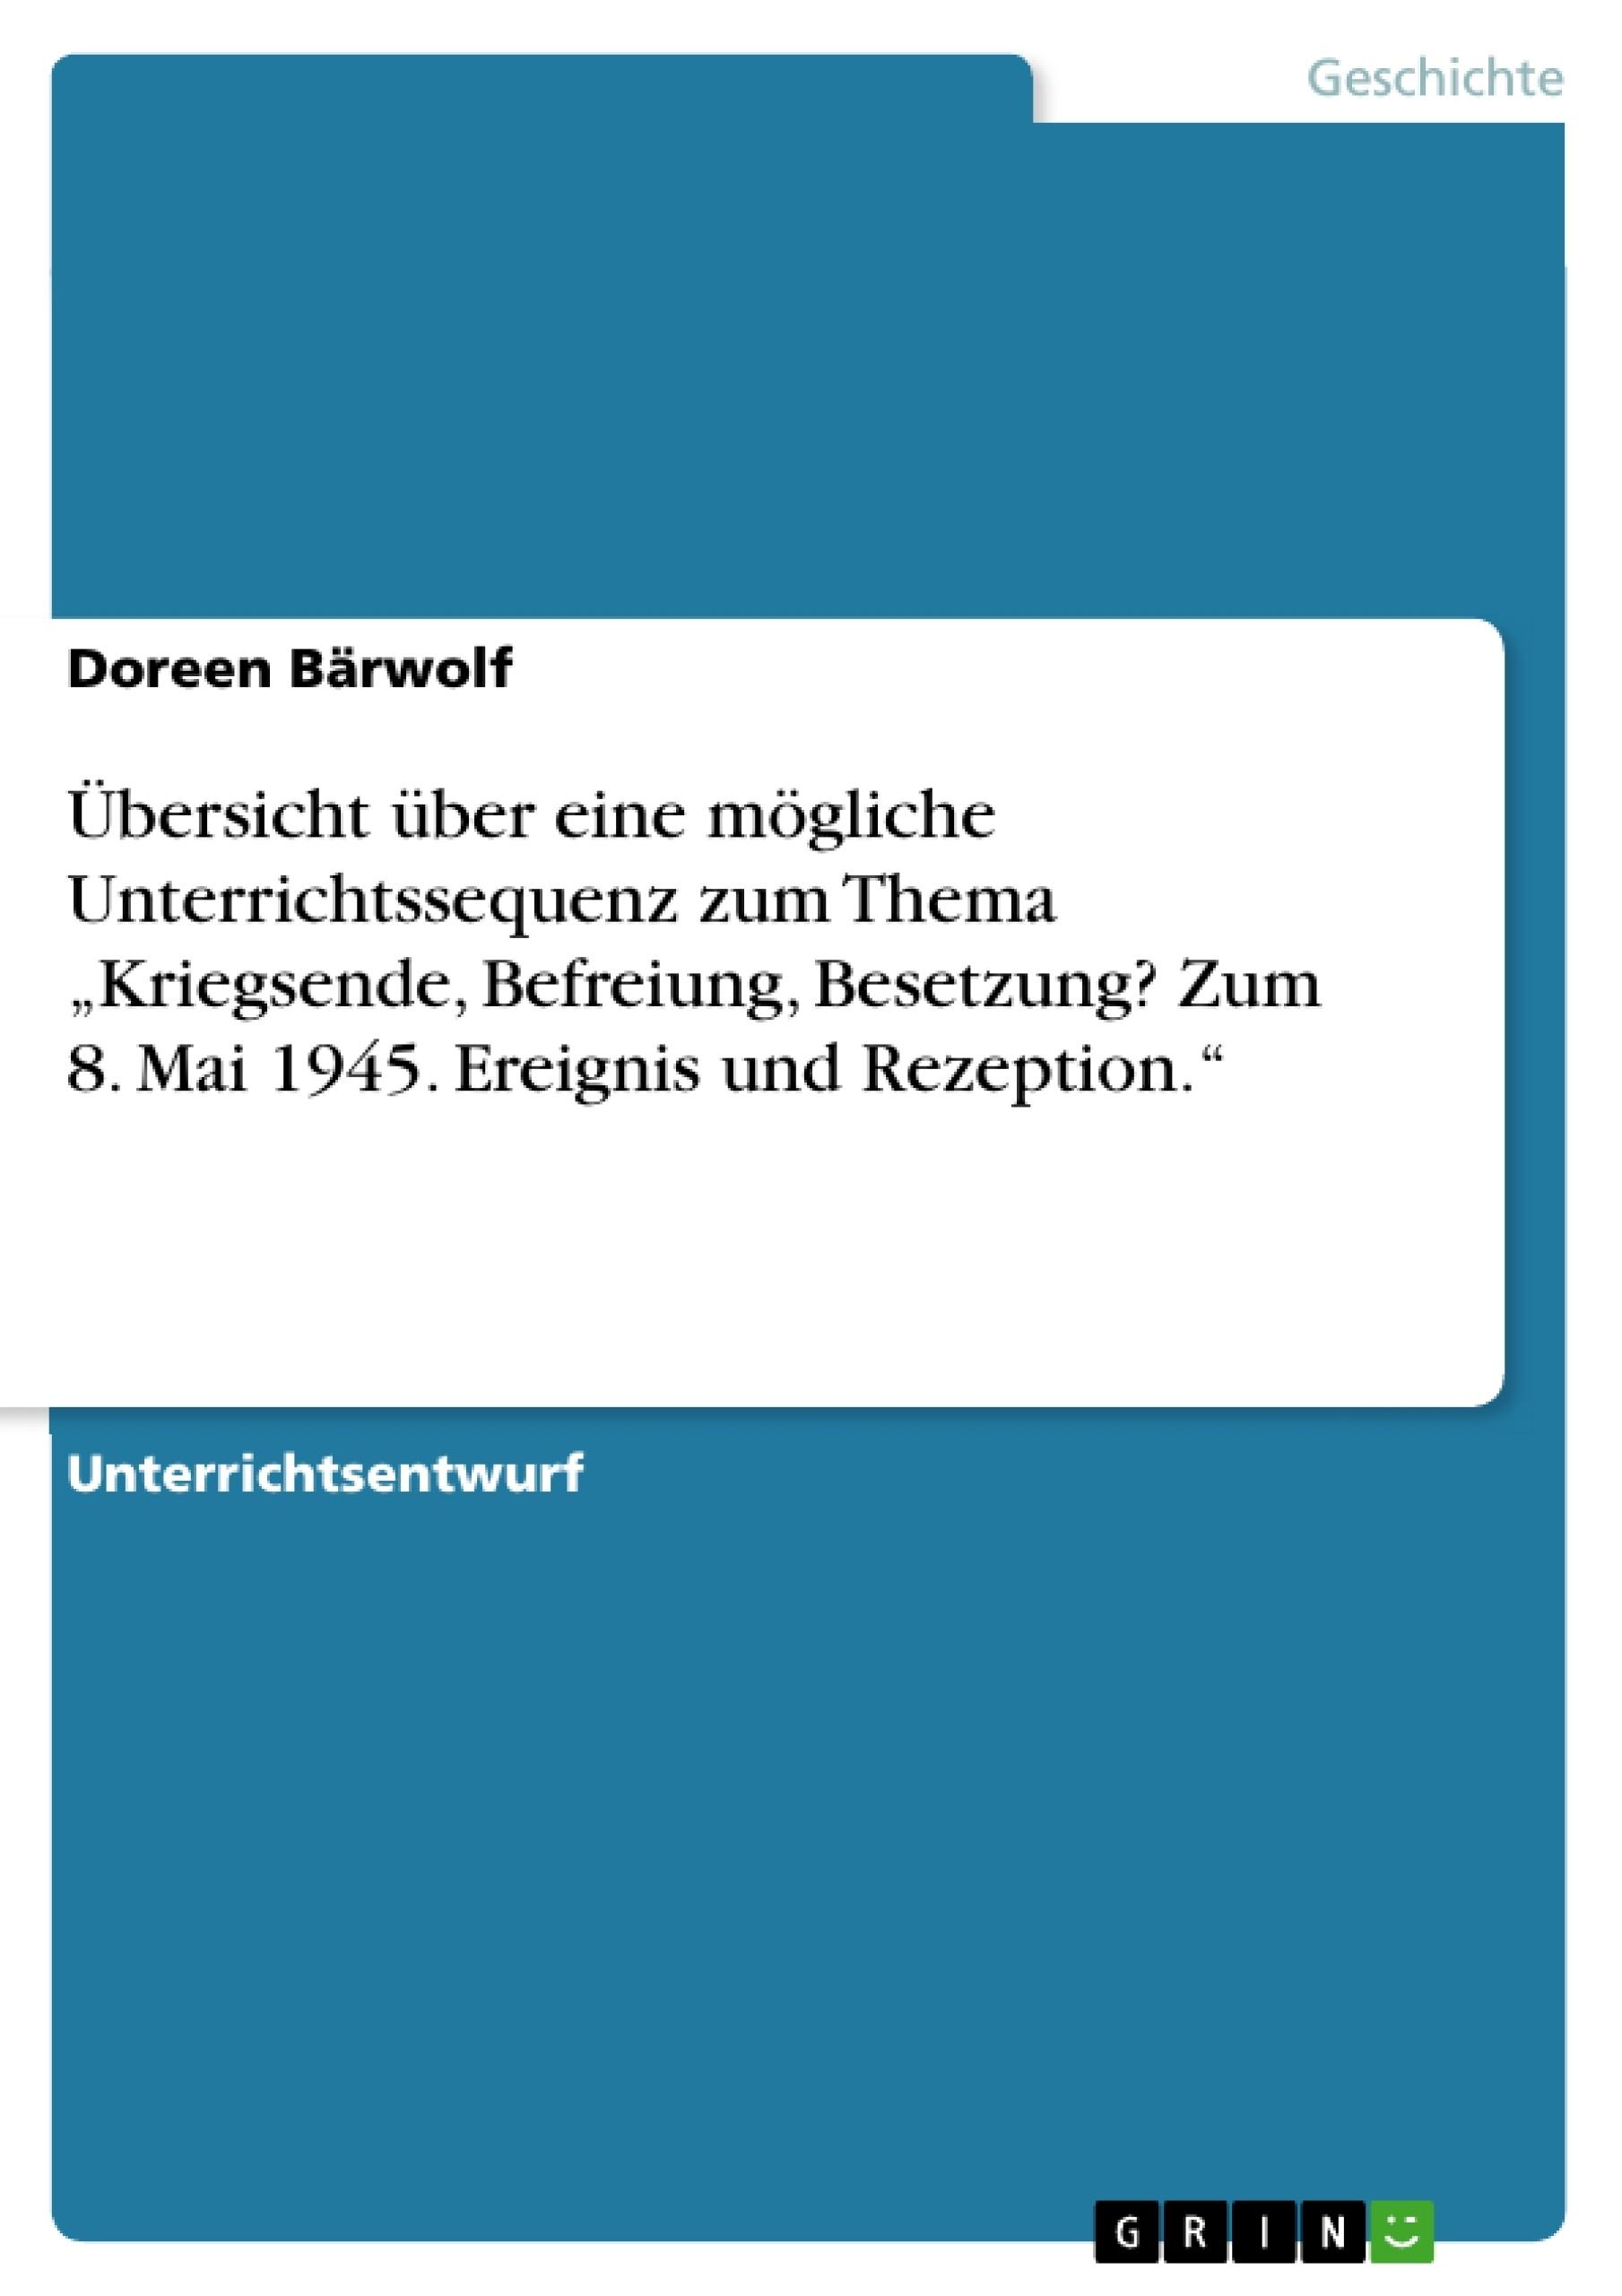 """Titel: Übersicht über eine mögliche Unterrichtssequenz zum Thema  """"Kriegsende, Befreiung, Besetzung? Zum 8. Mai 1945.  Ereignis und Rezeption."""""""